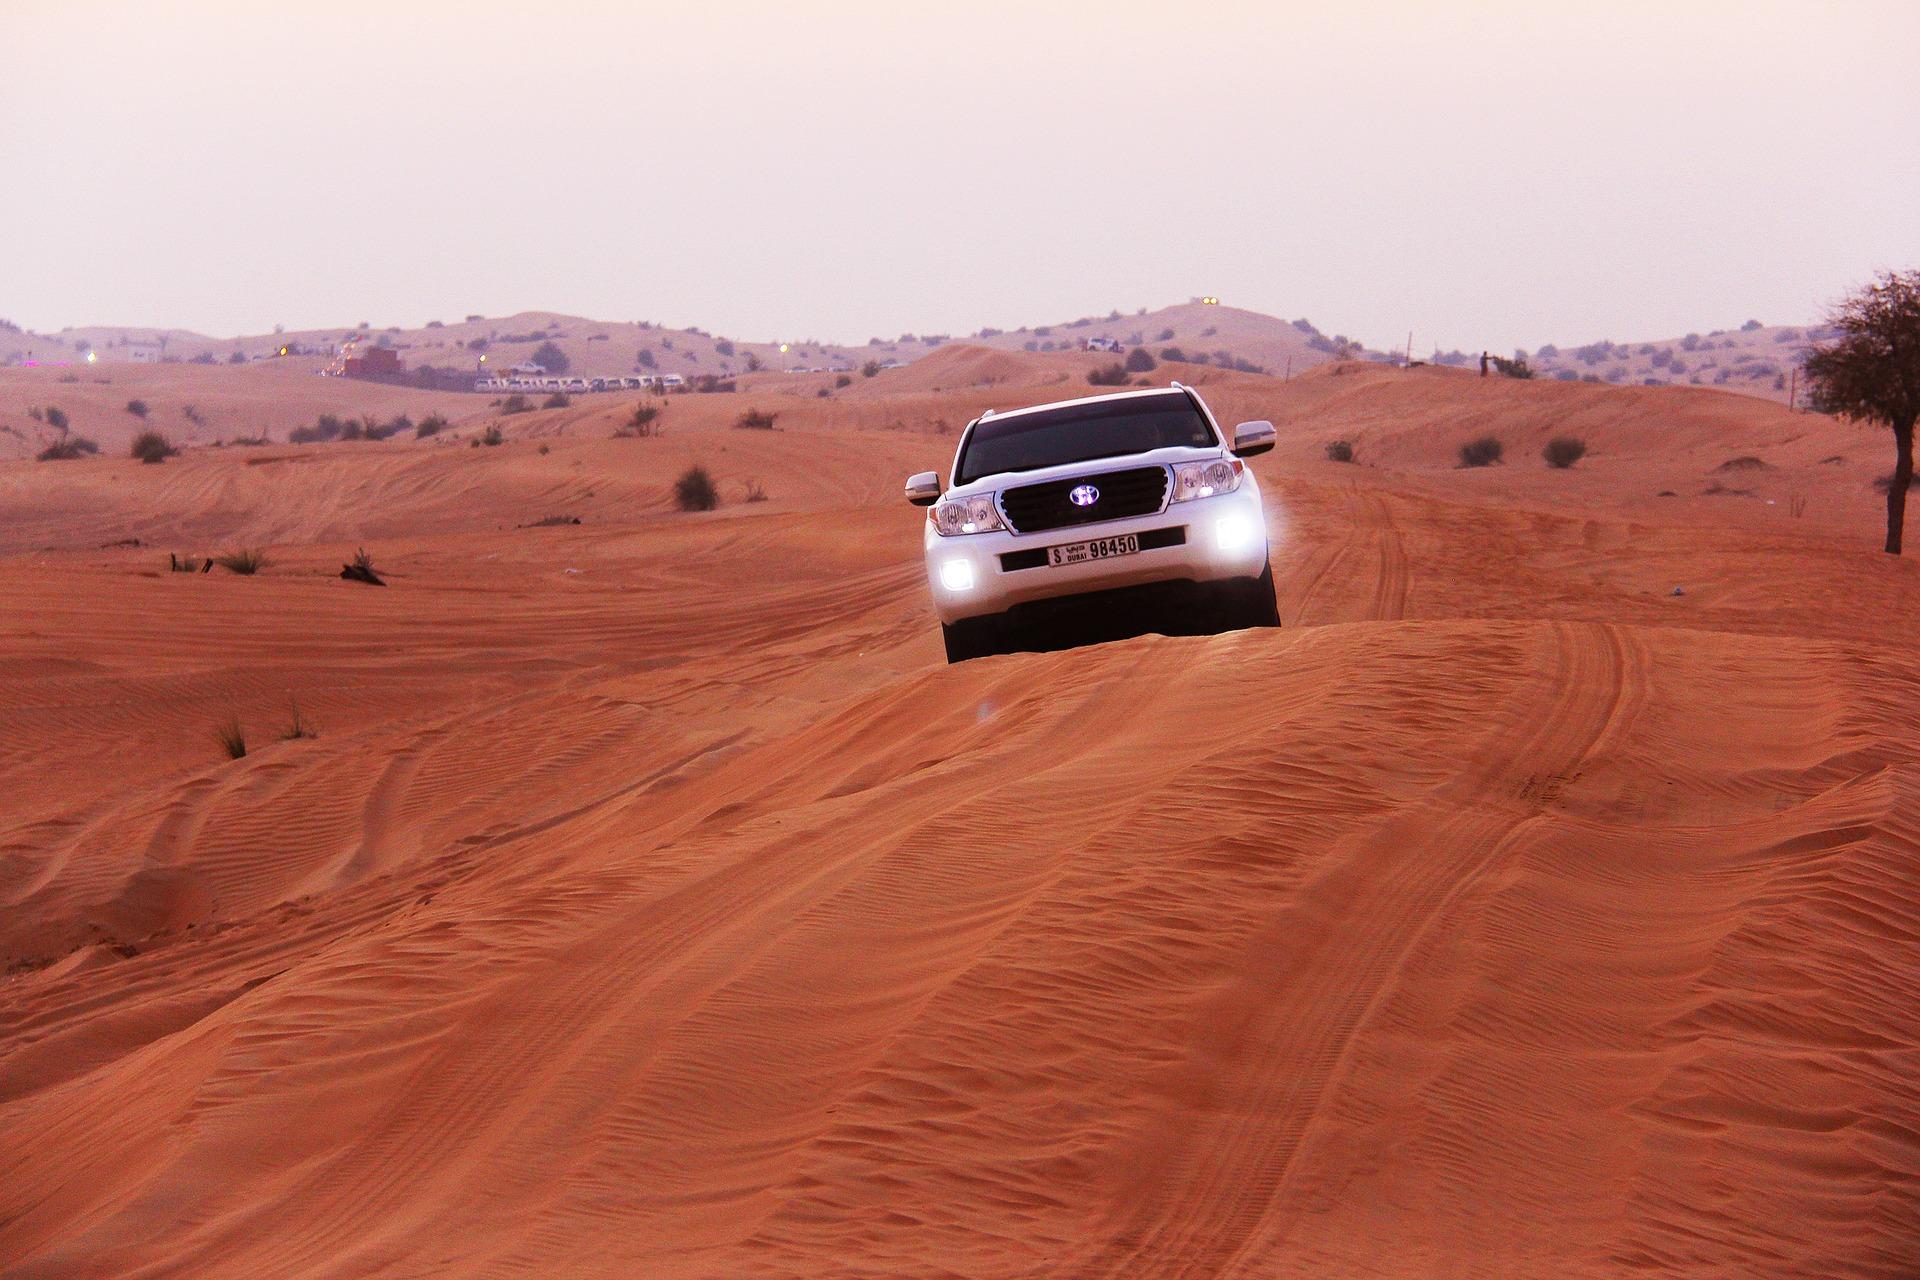 Urlaub in der Wüste der Vereinigten Emiraten mit einem Mietfahrzeug planen